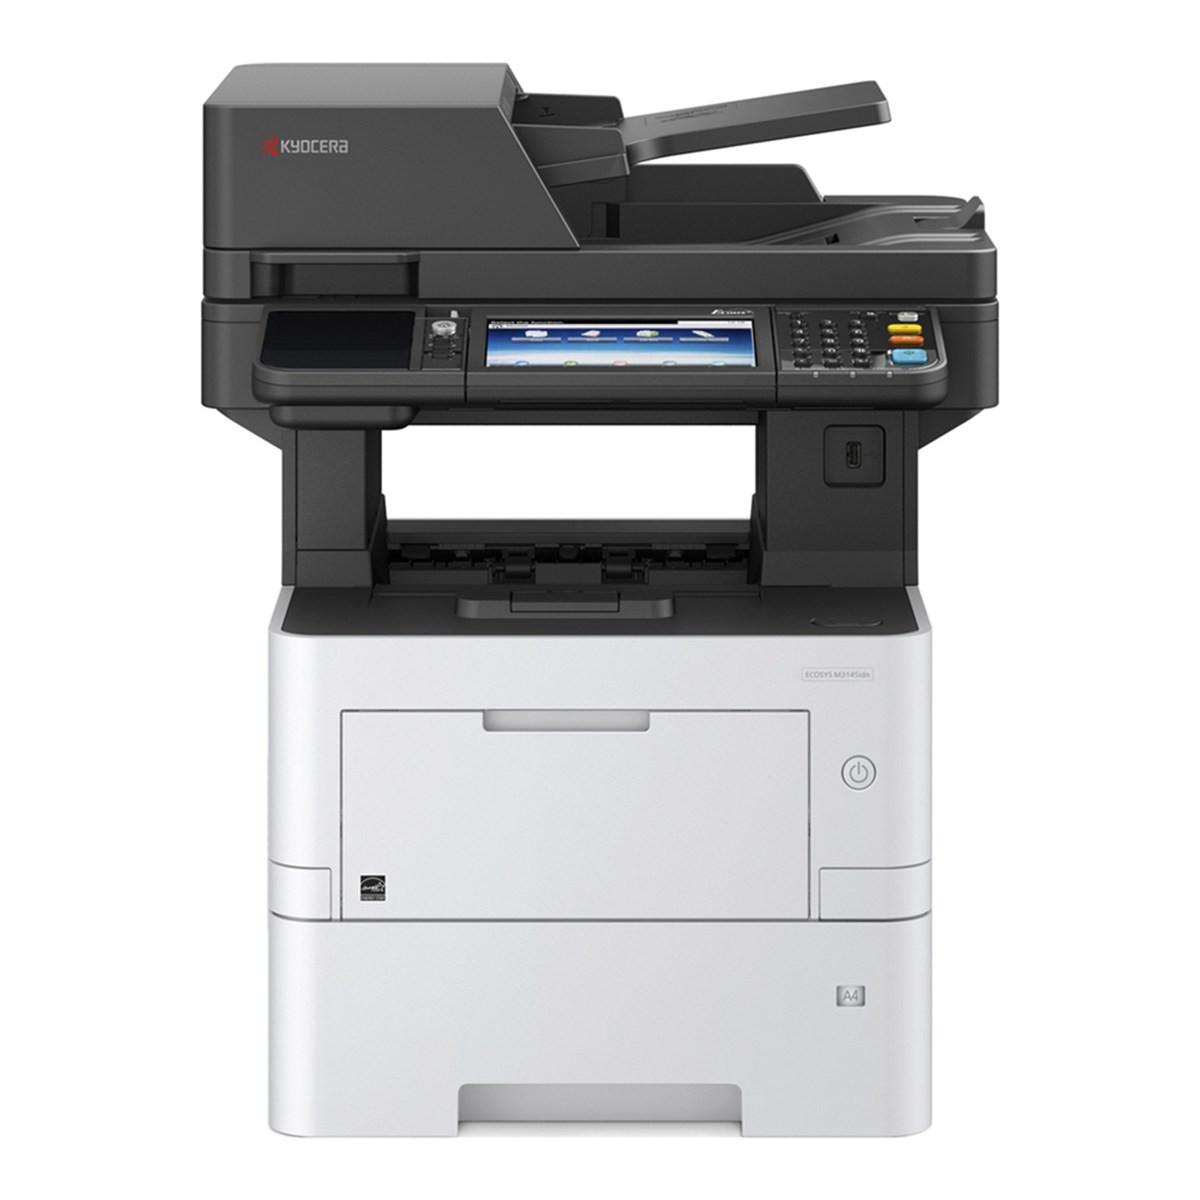 Impressora Kyocera Ecosys M3145IDN M3145 | Multifuncional Laser Monocromática com Duplex e Rede